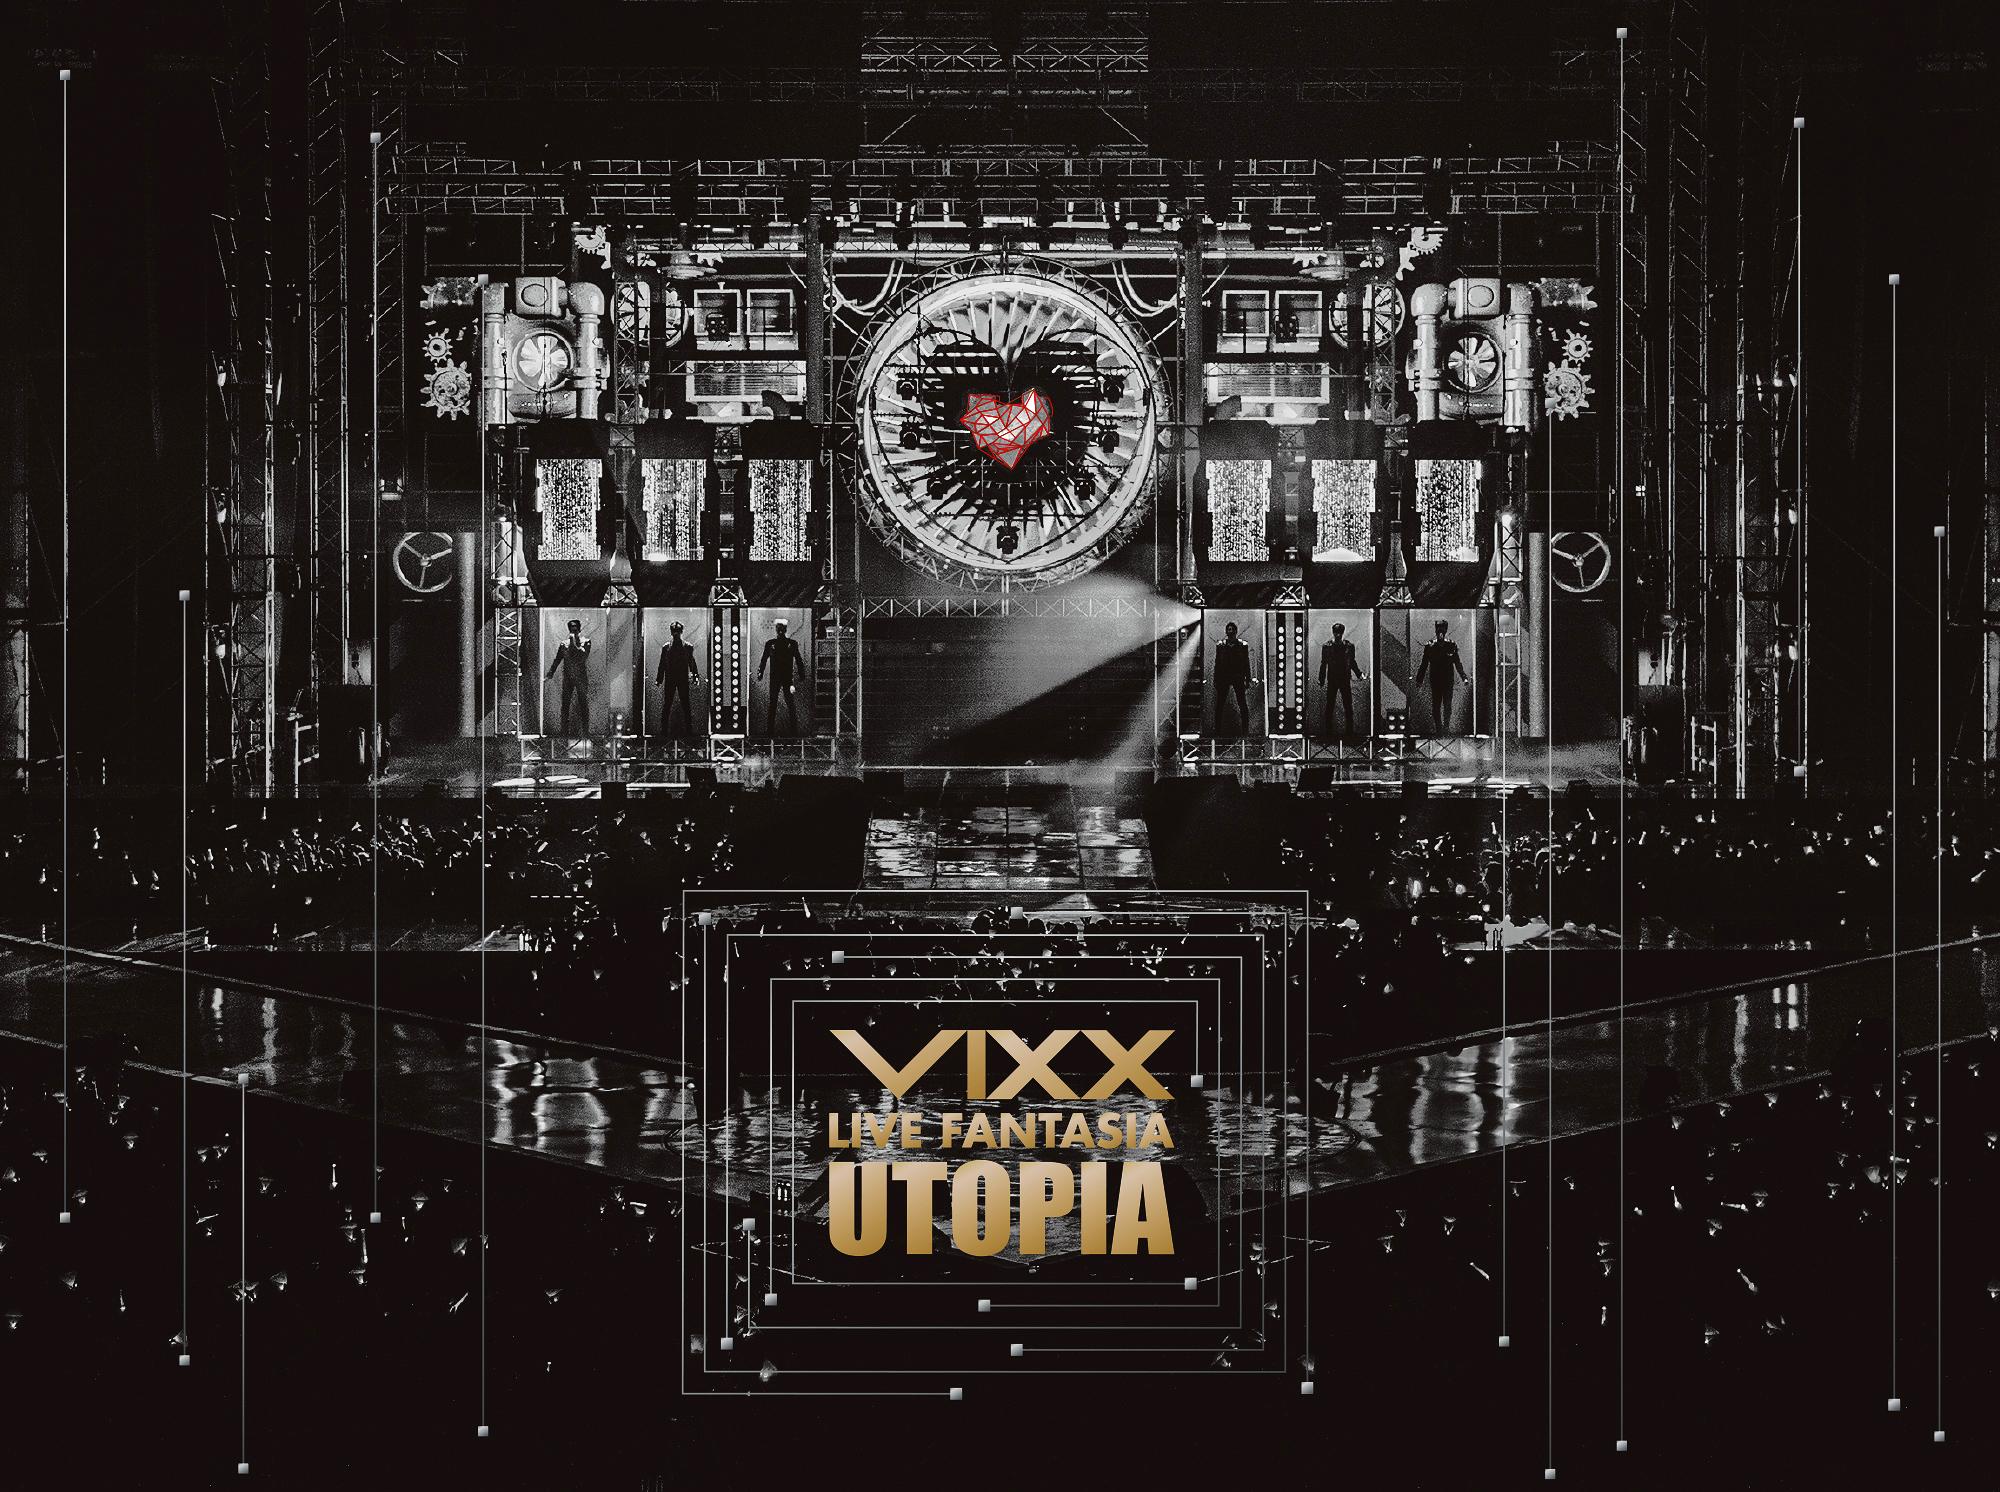 VIXX LIVE FANTASIA UTOPIA DVD(日本限定盤)